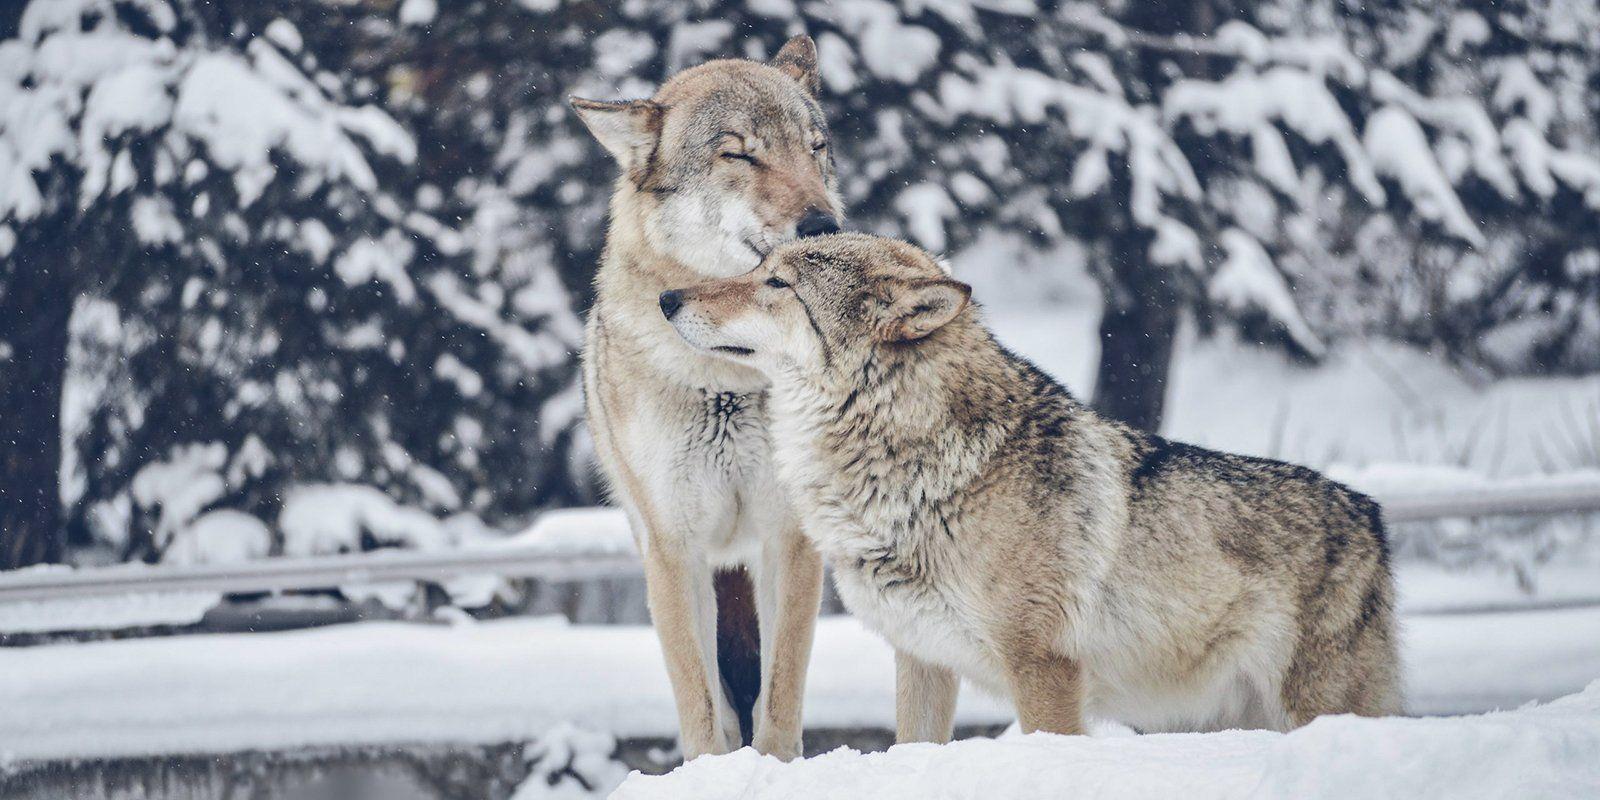 Московский зоопарк пригласил на Валентинов день